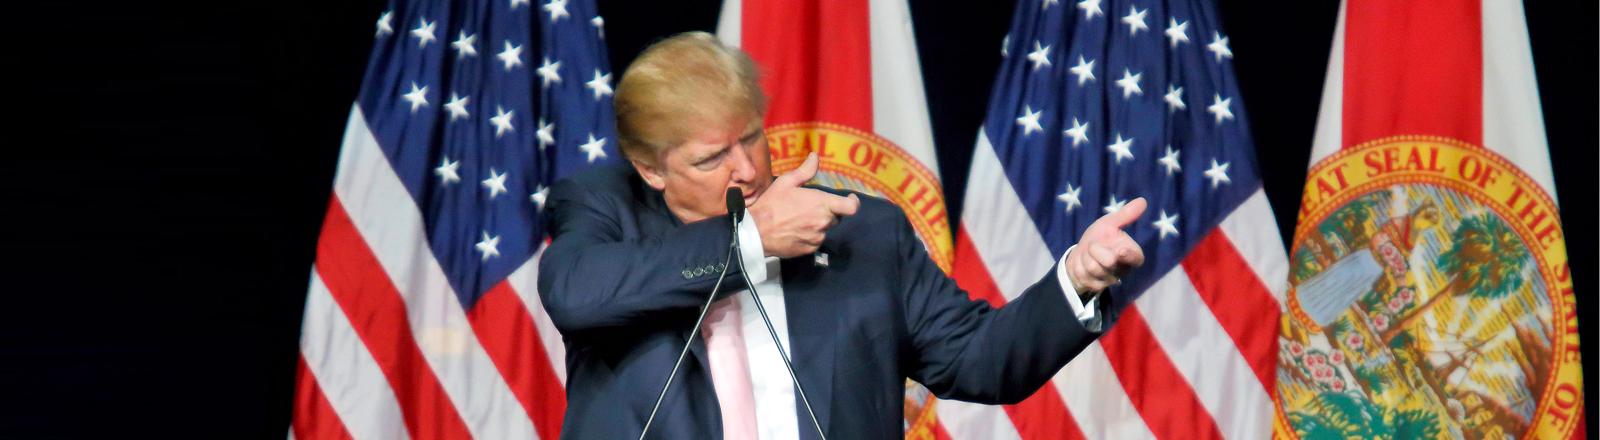 Donald Trump macht eine Schießbewegung auf einem Podium vor USA-Flaggen.